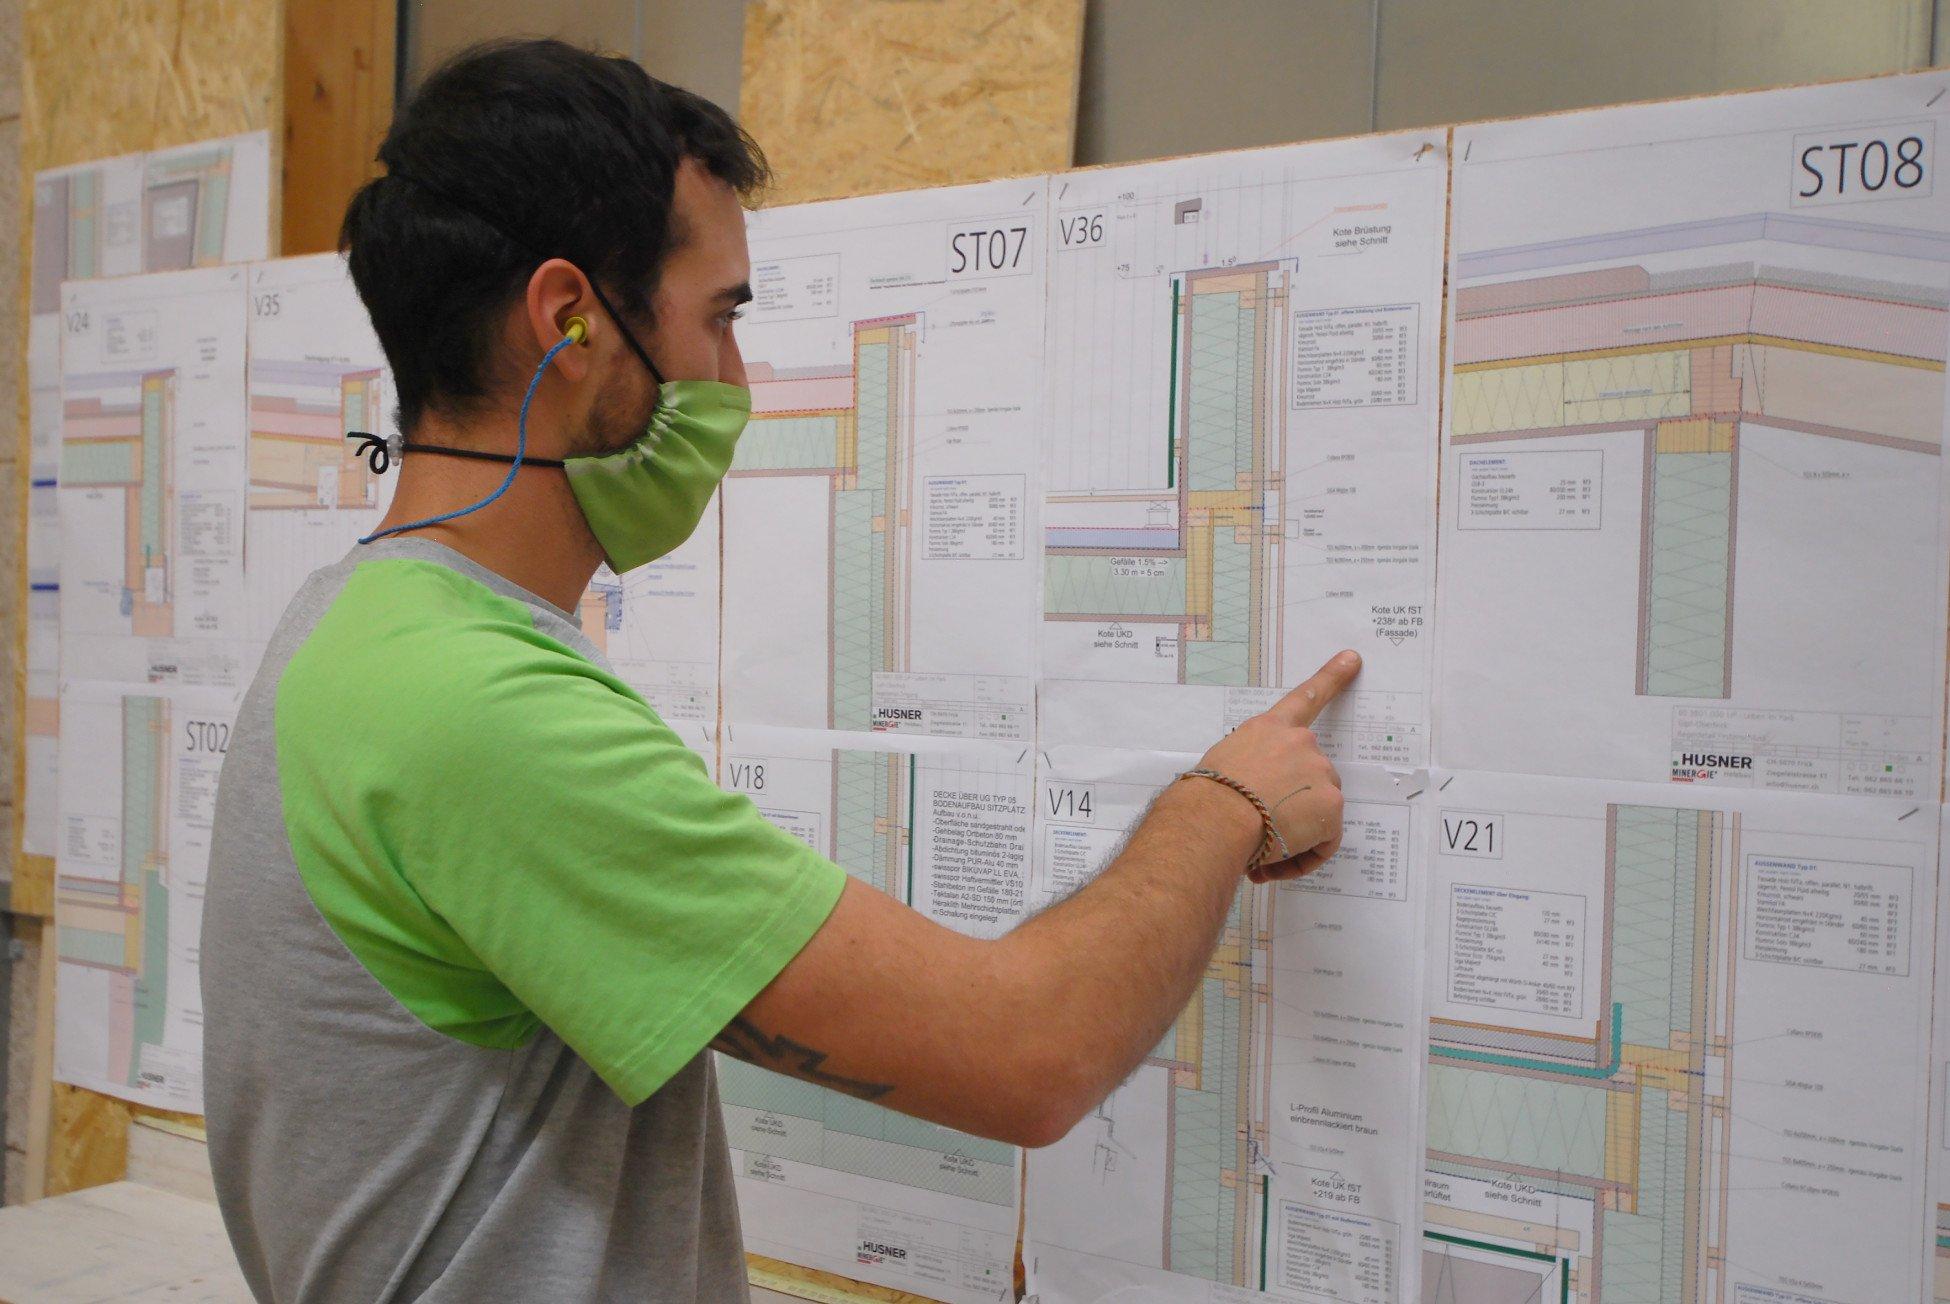 Zimmermann bei HUSNER AG Holzbau liest Plan für die Elementproduktion der Wohnüberbauung Leben im Park in Gipf-Oberfrick in der Werkhalle